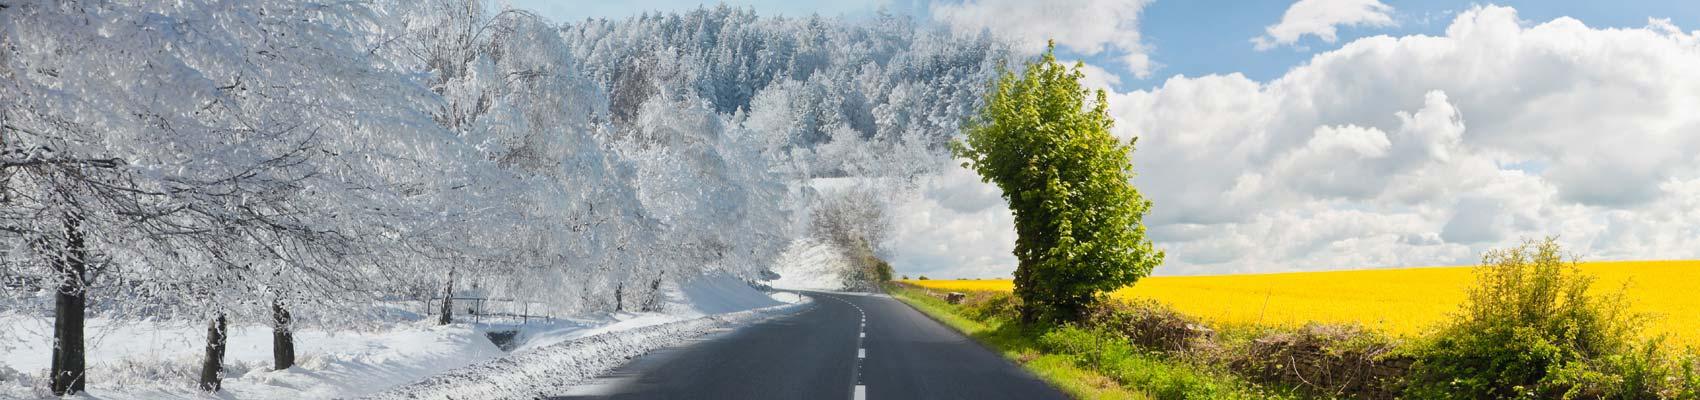 Slider téli-nyári kép